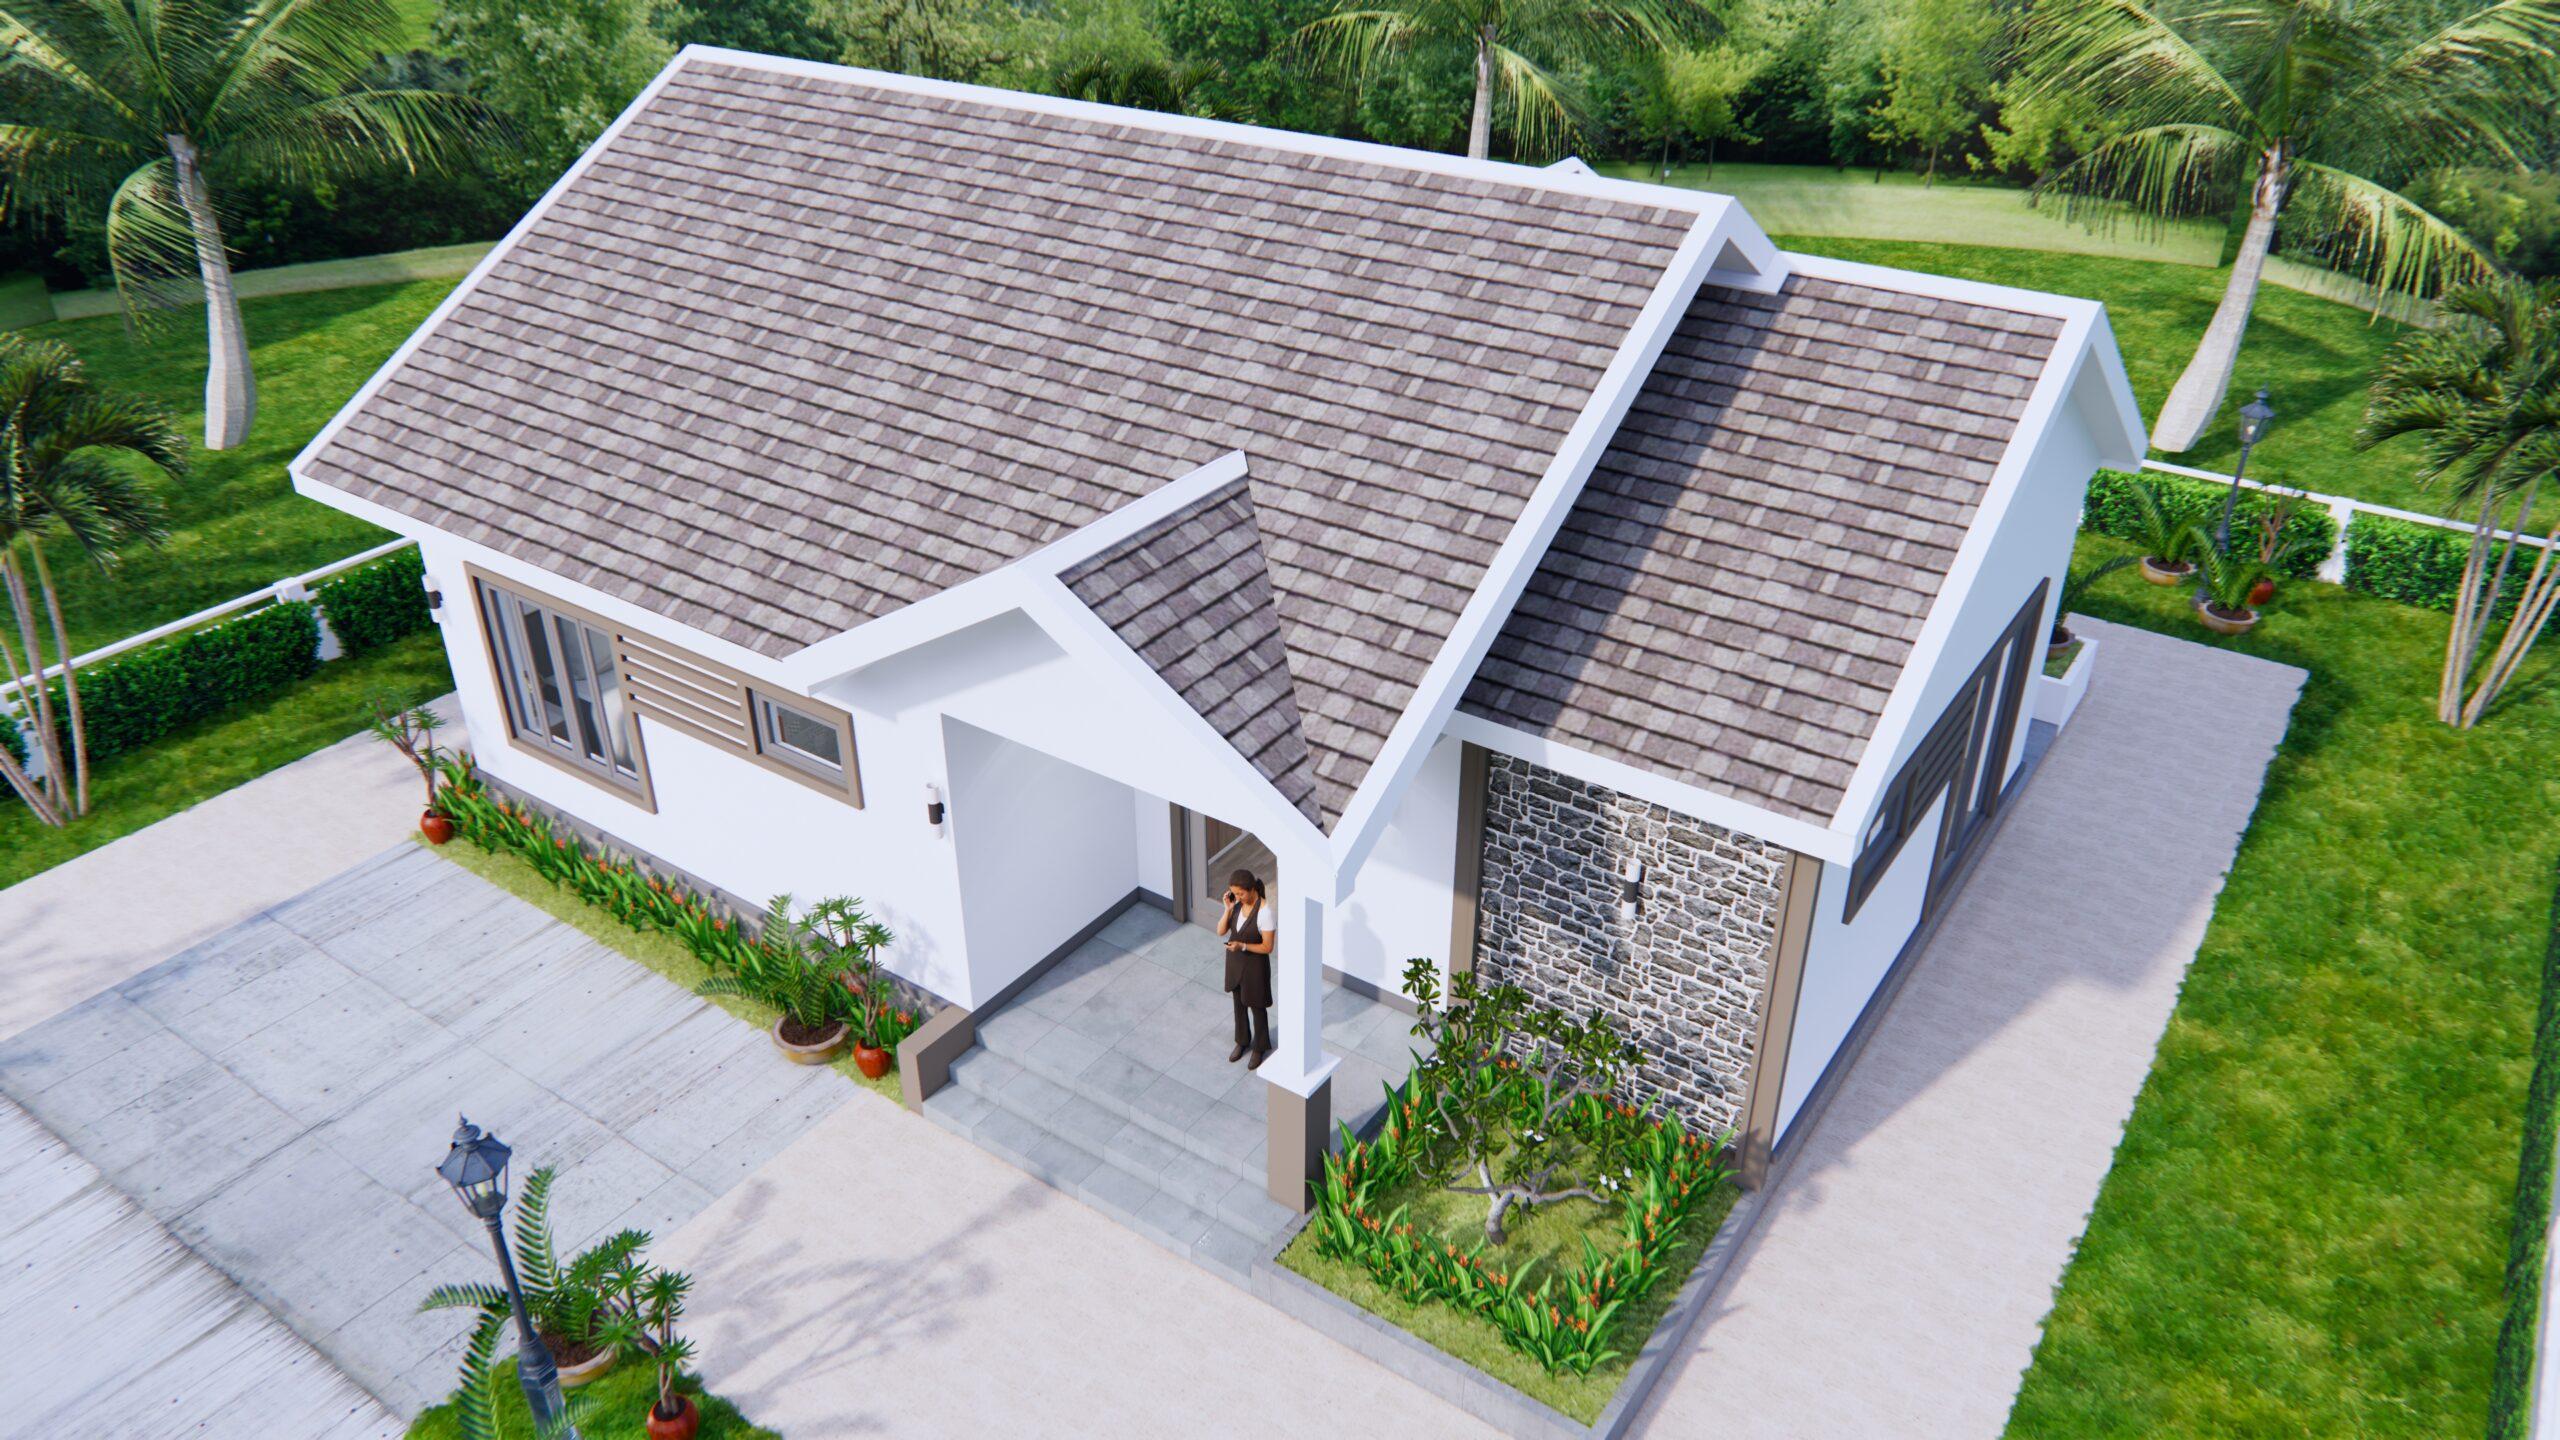 Modern House Drawing 12x9 Meter 40x30 Feet 2 Beds 4